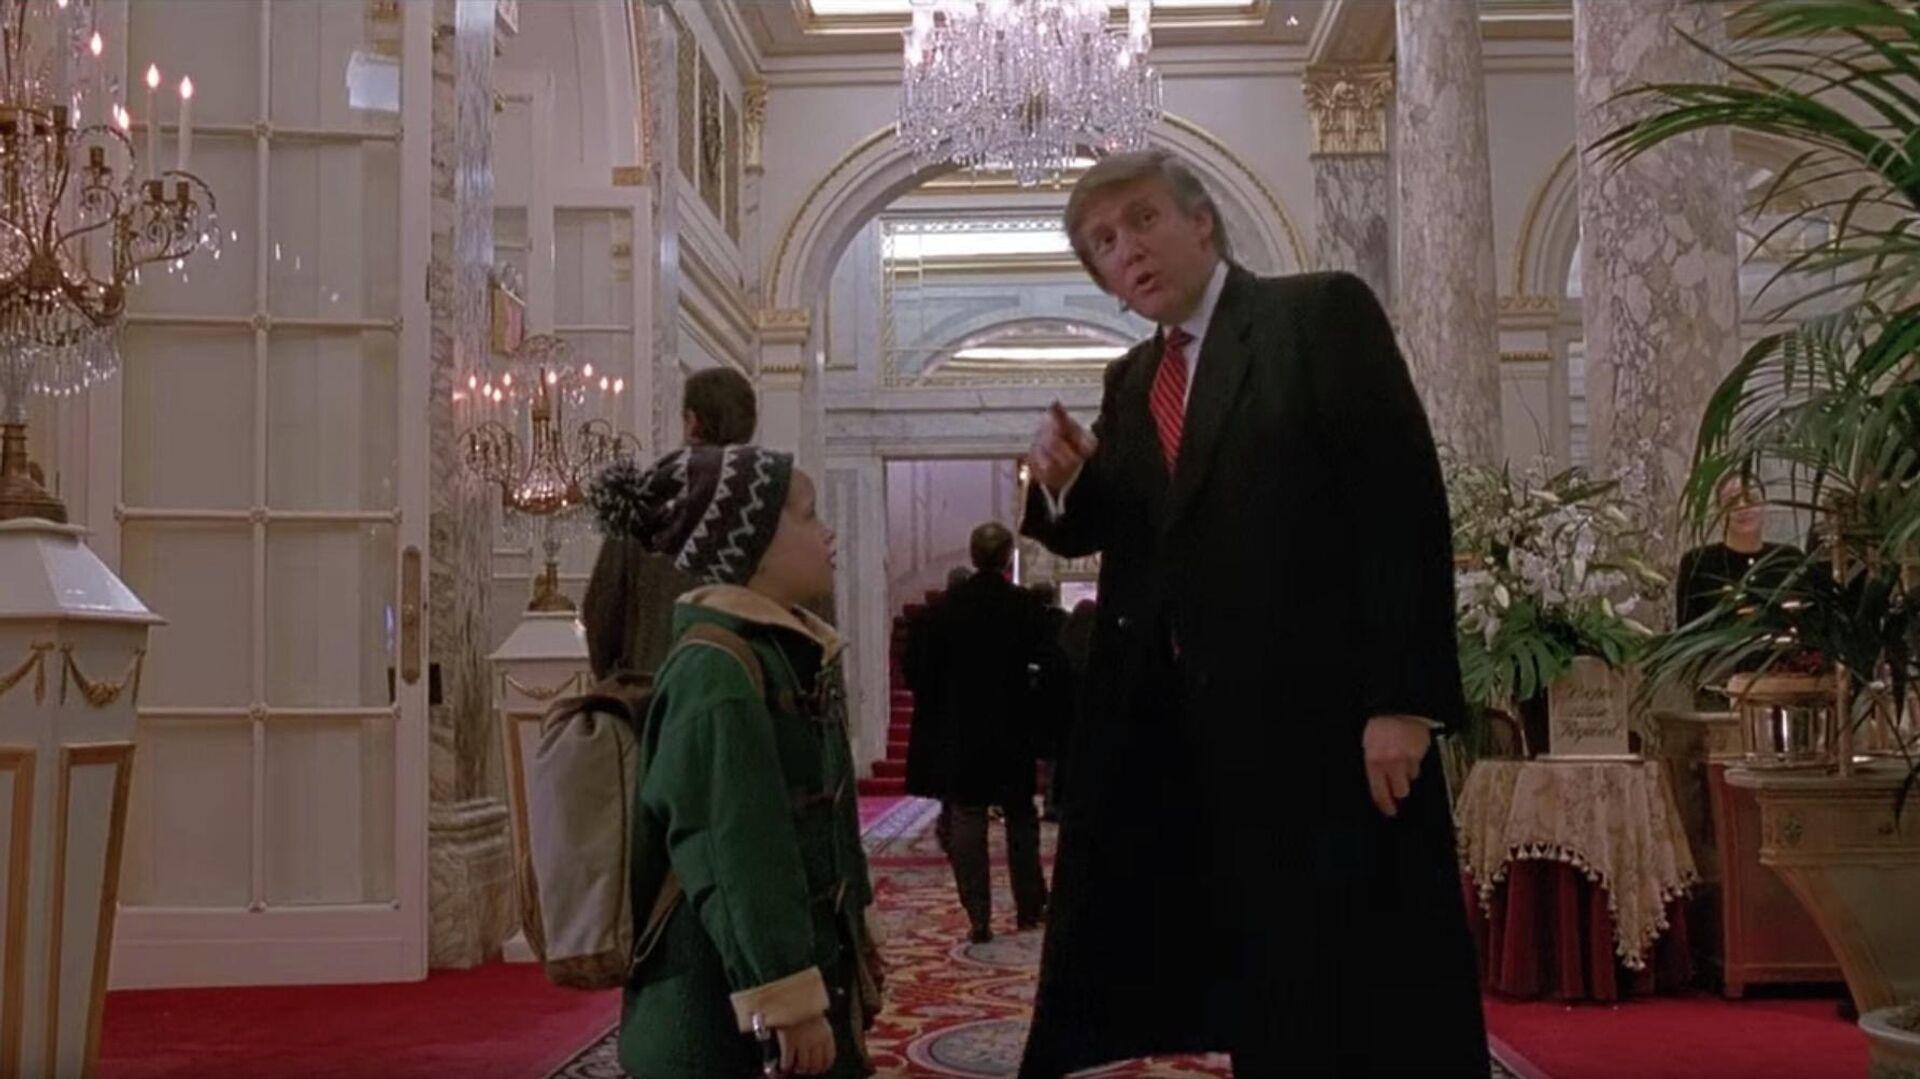 Дональд Трамп в фильме Один дома 2: Потерявшийся в Нью-Йорке - РИА Новости, 1920, 15.11.2020